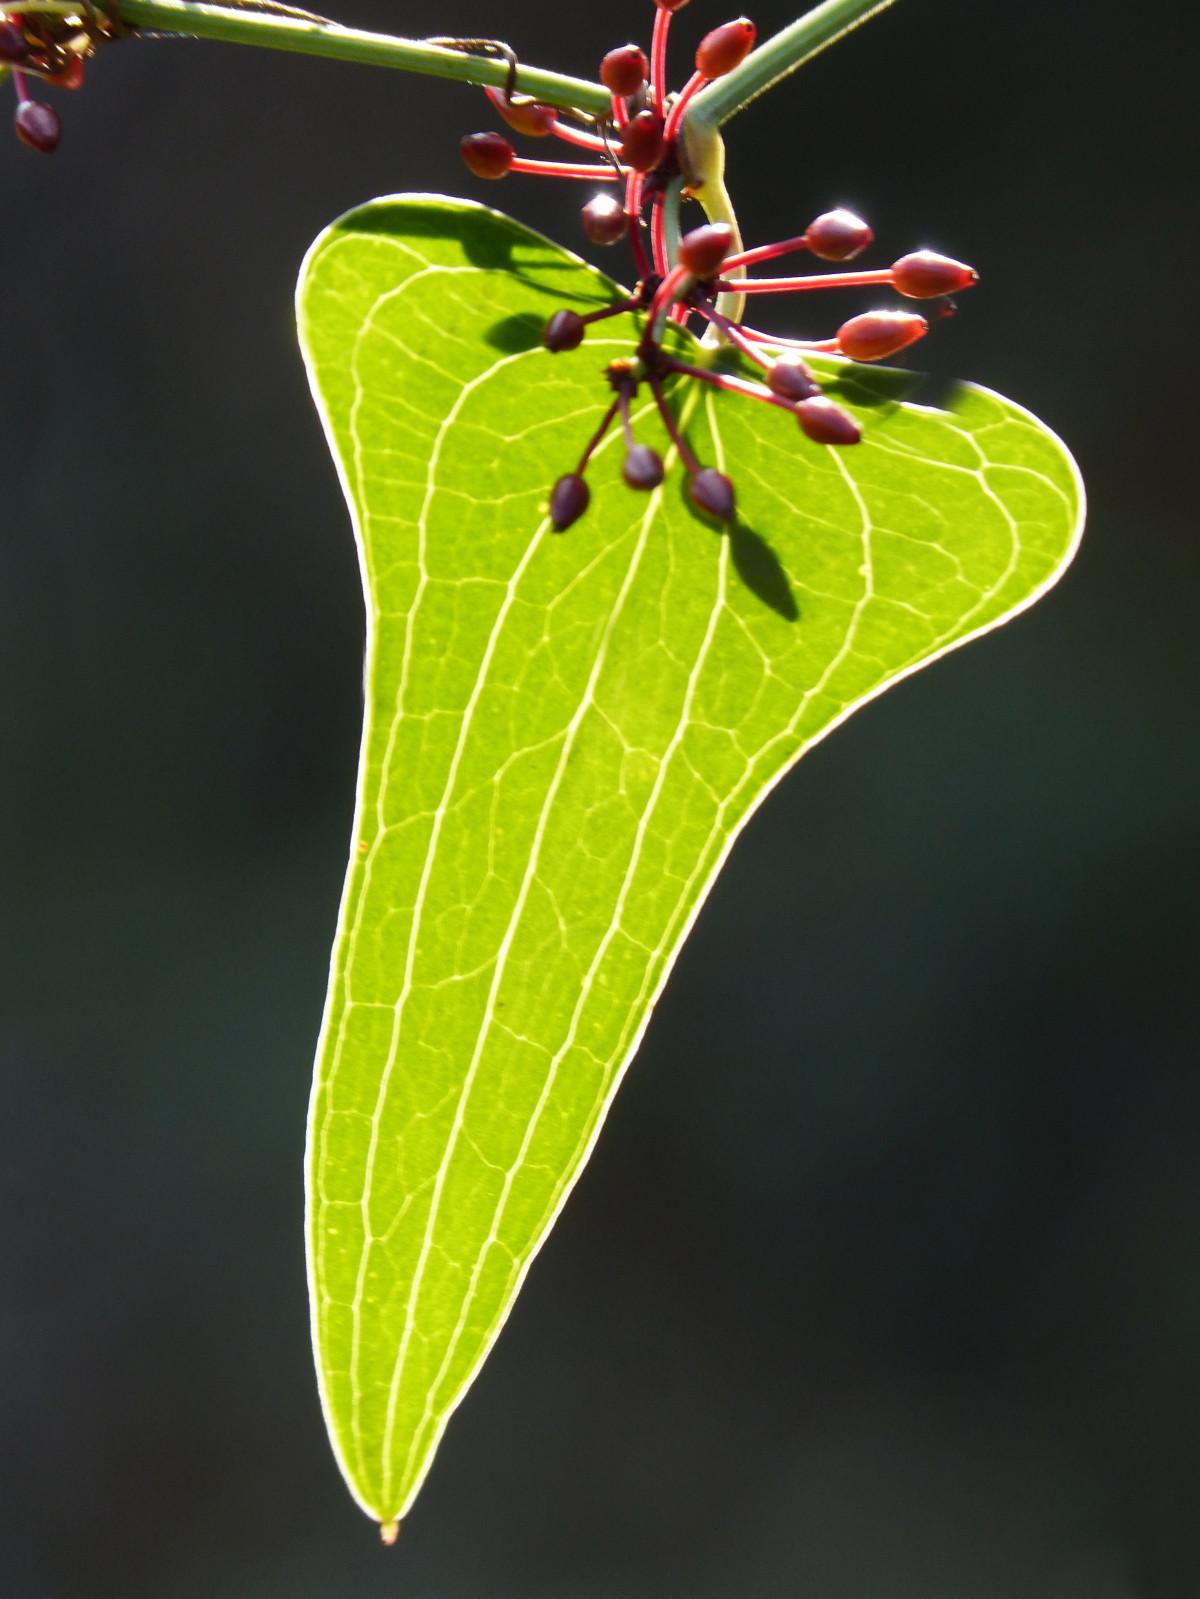 la nature branche plante baie feuille fleur vert produire insecte l'automne botanique flore faune invertébré fermer translucide arbuste Macrophotographie Faune salsepareille Tige de plante Arinjol